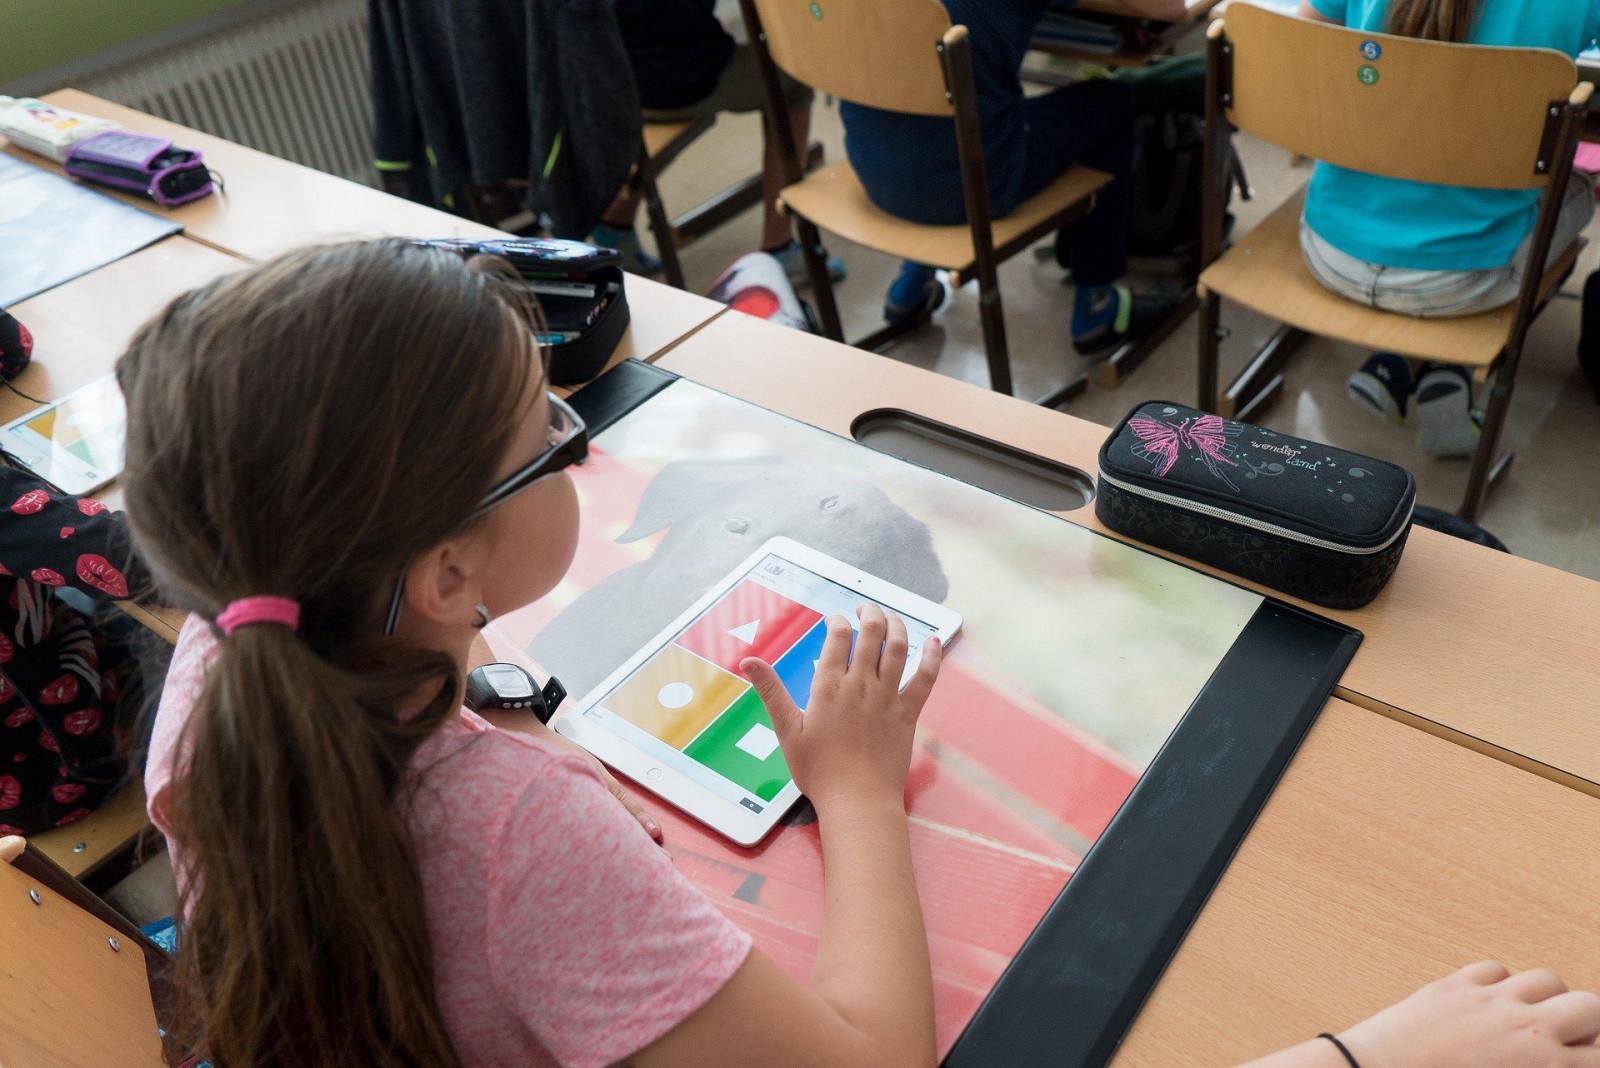 Школы обеспечат стабильным интернетом по равной цене